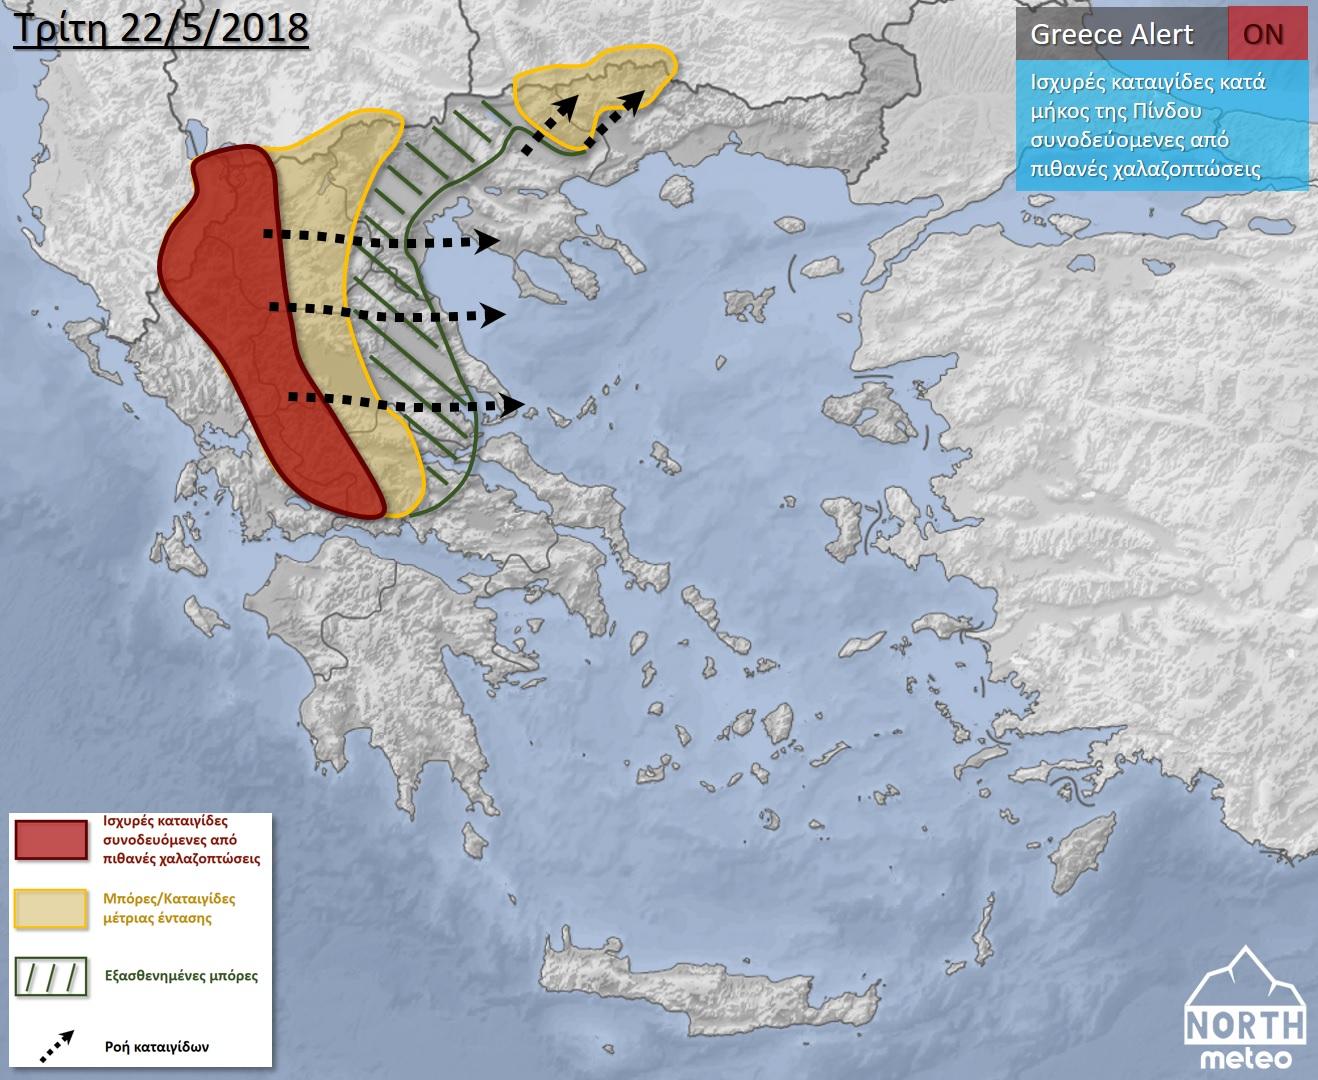 καταιγίδες Ελλάδα χάρτης Μάιος 2018